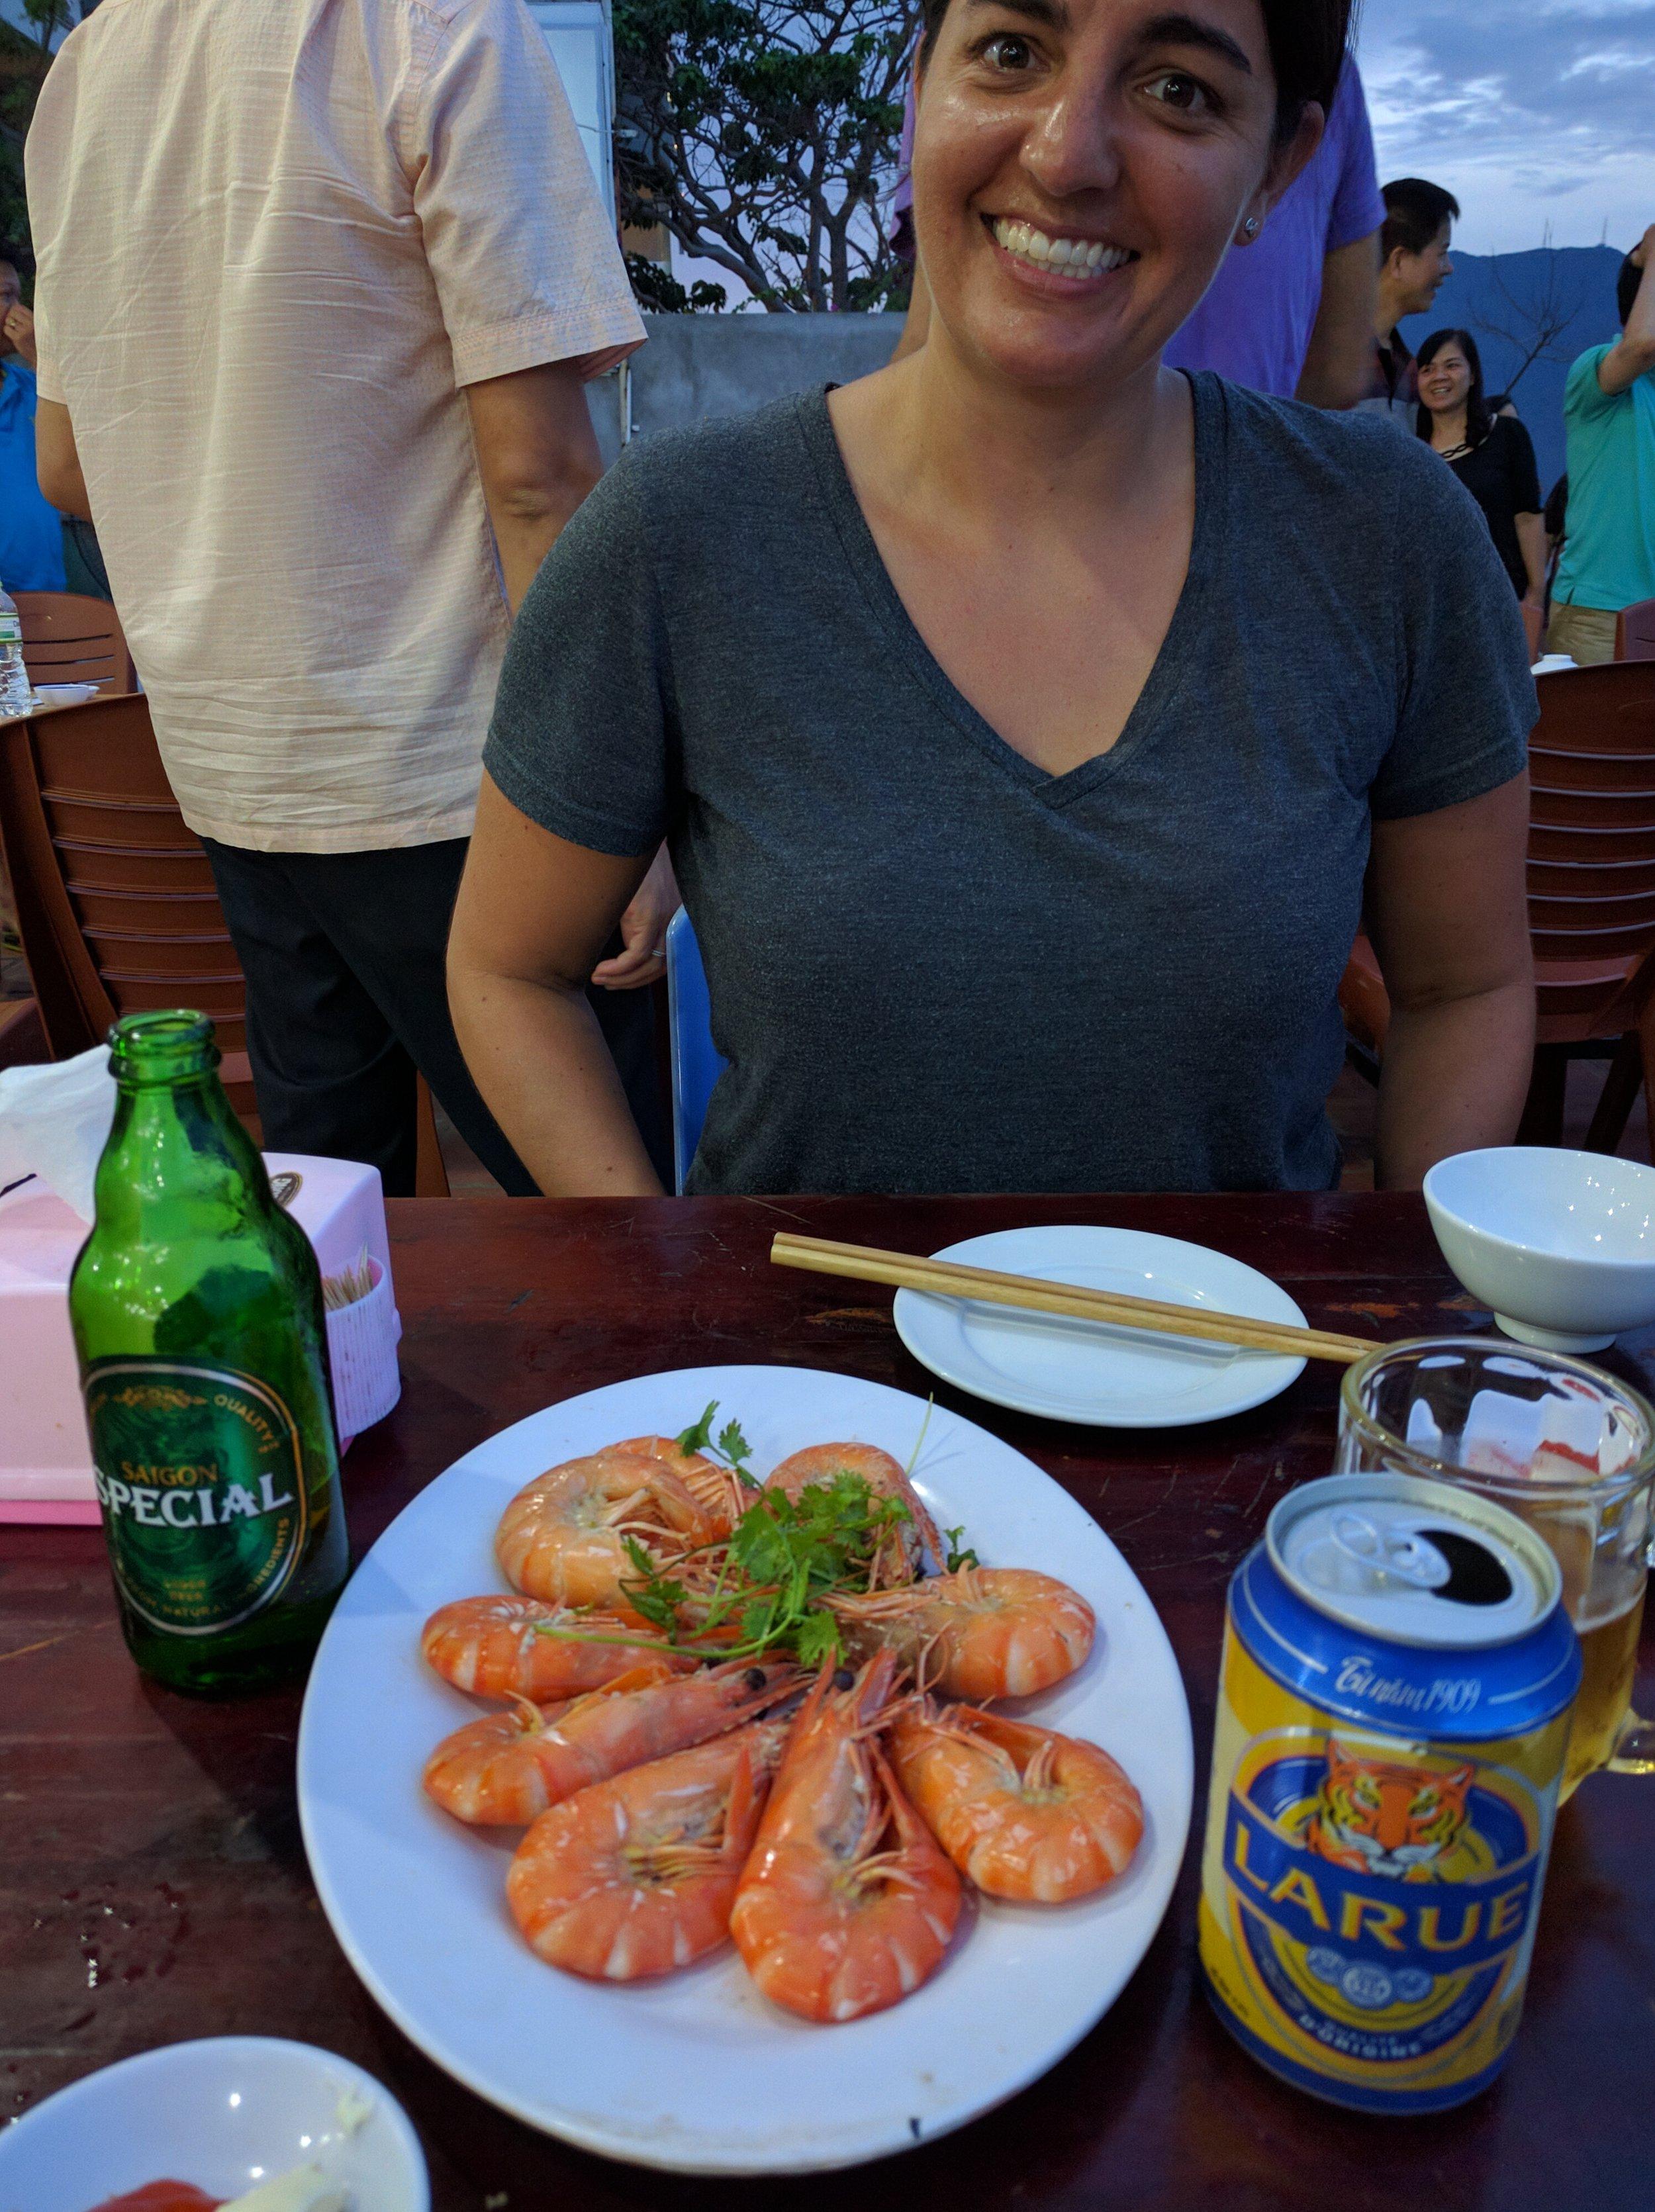 Happier times in Da Nang